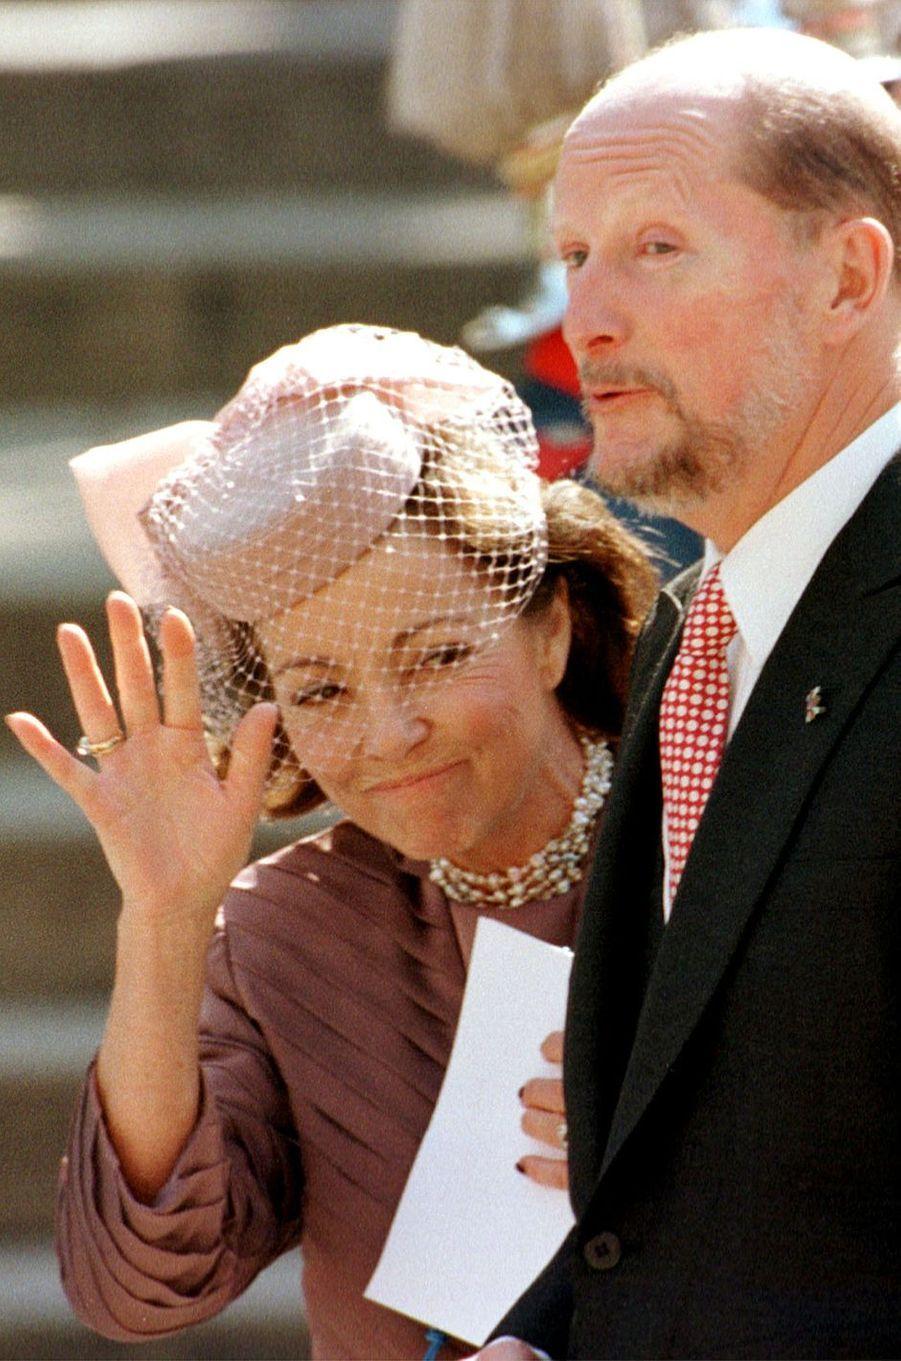 L'ancien roi Siméon de Bulgarie et sa femme Margarita au mariage de l'infante Cristina d'Espagne et de Inaki Urdangarin, à Barcelone le 4 octobre 1997